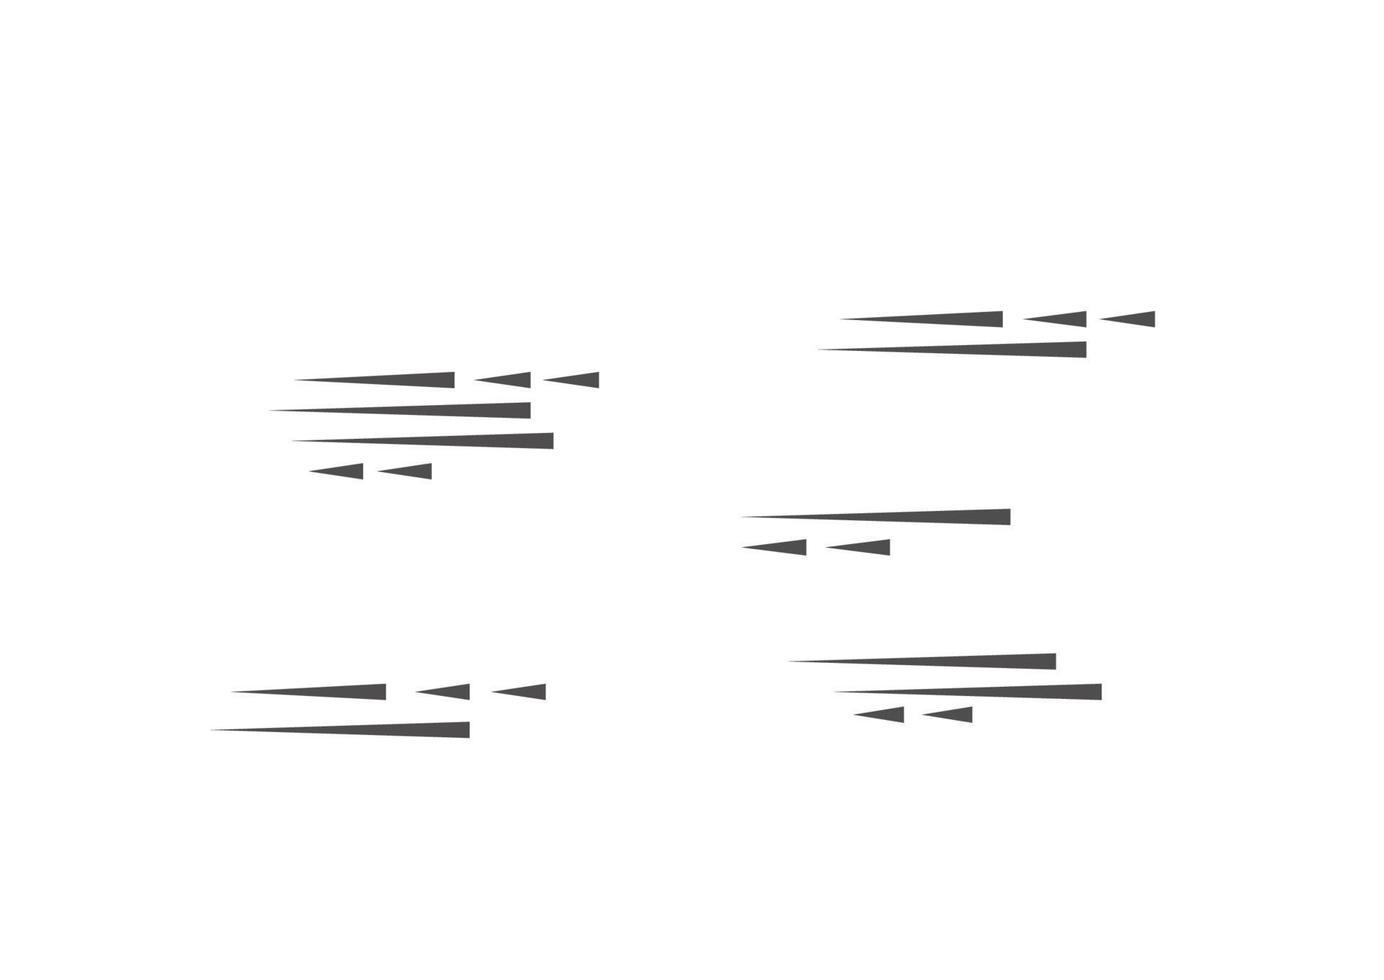 snelheidslijnen geïsoleerde set. bewegingseffect voor uw ontwerp. zwarte lijnen op een witte achtergrond. vector illustratie